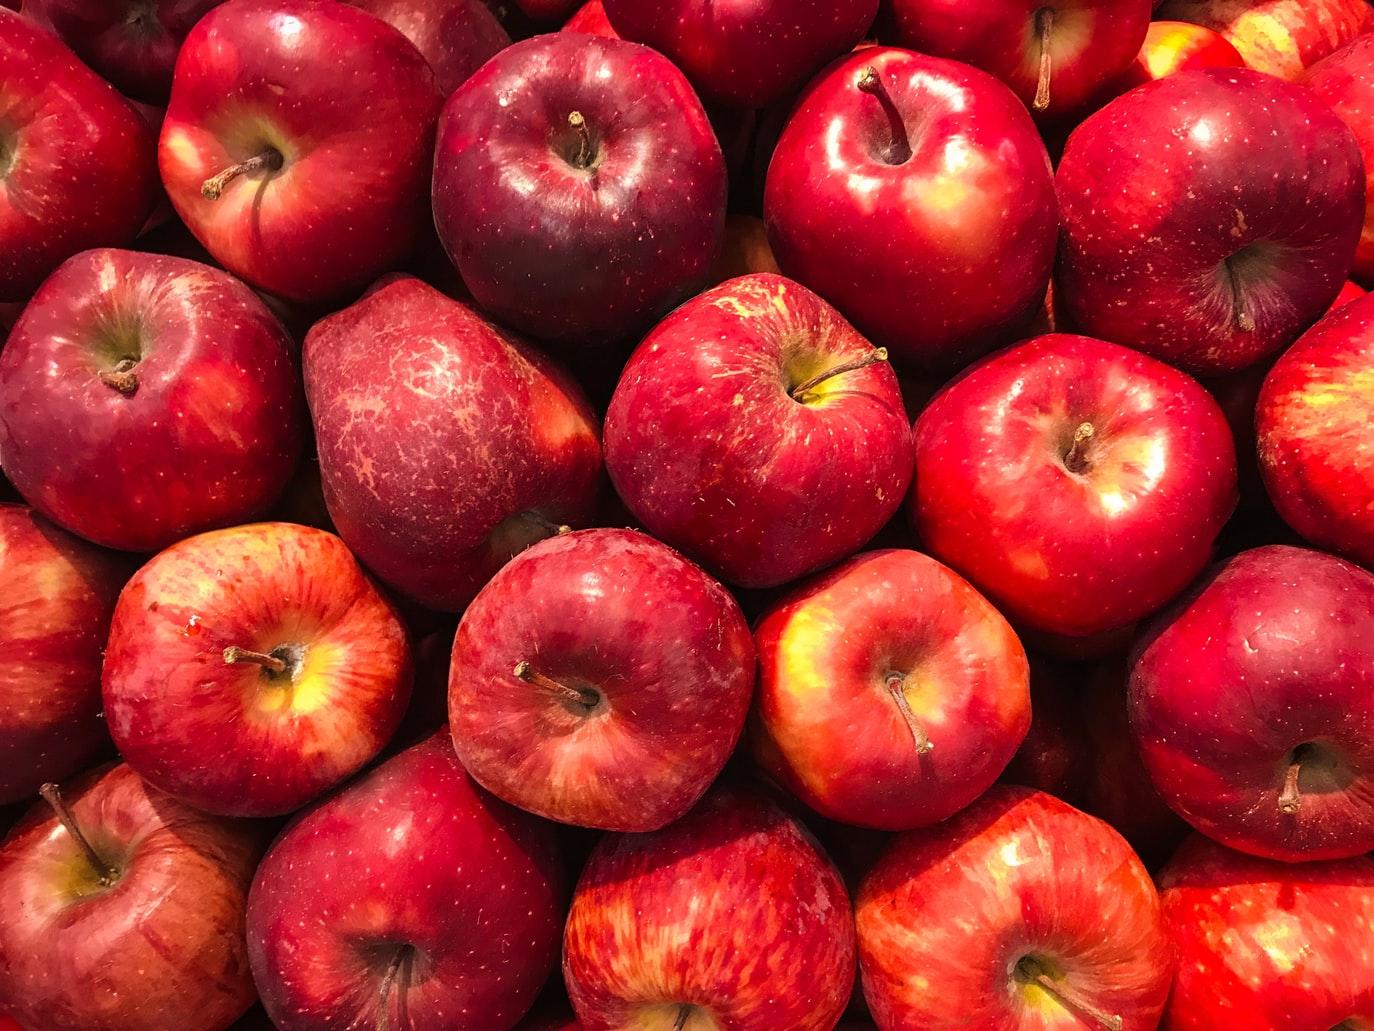 Fazla elmaları muhafaza etmenin 4 yolu